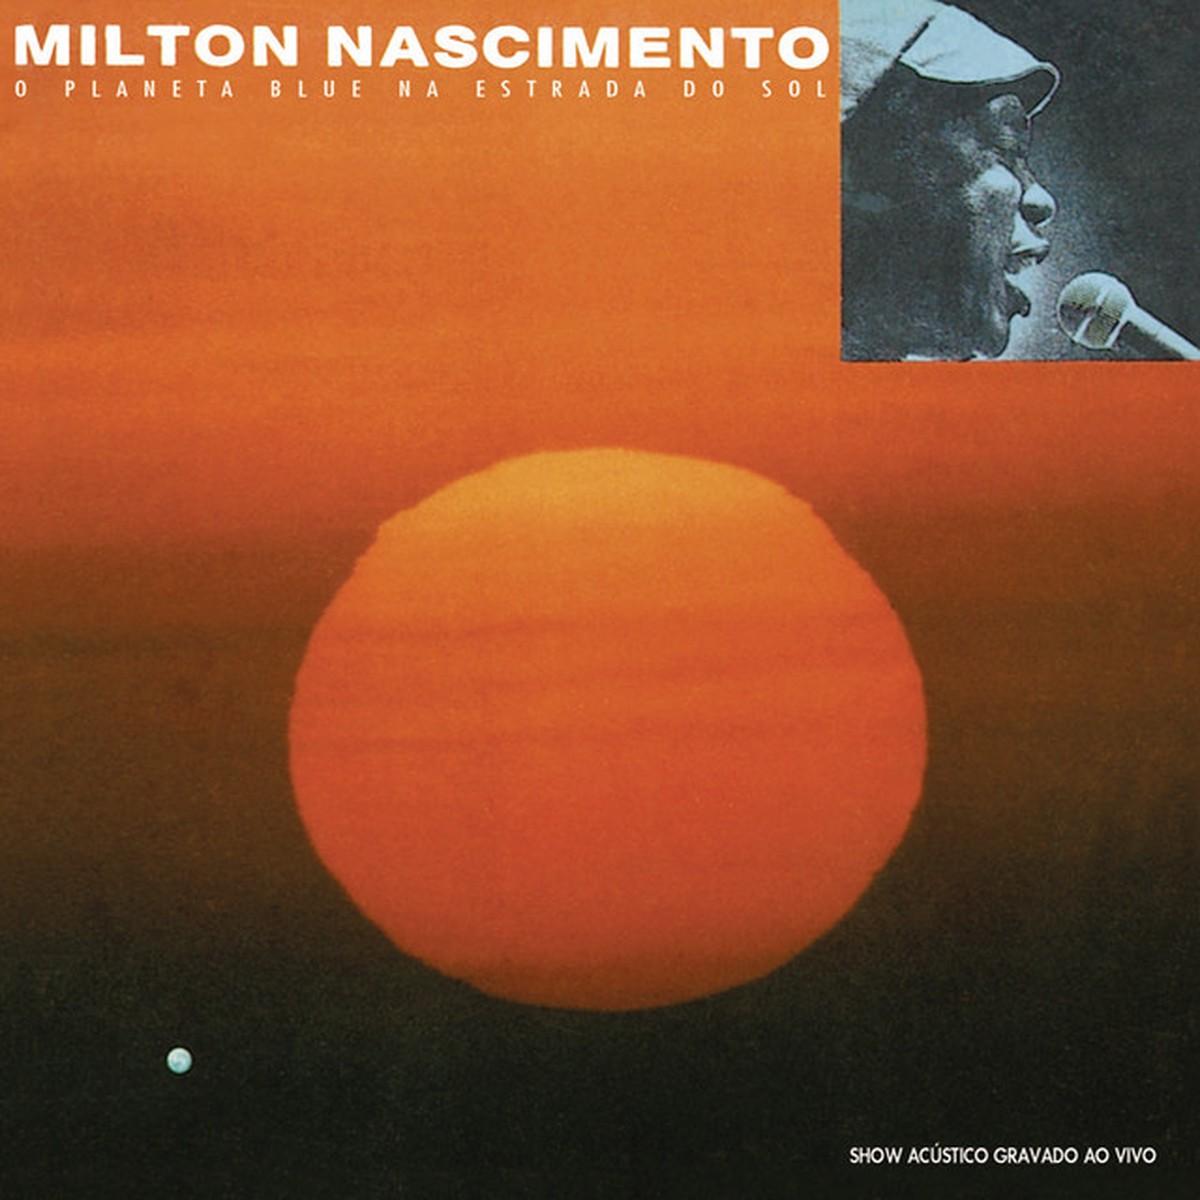 Discos para descobrir em casa – 'O planeta blue na estrada do sol', Milton Nascimento, 1991 | Blog do Mauro Ferreira